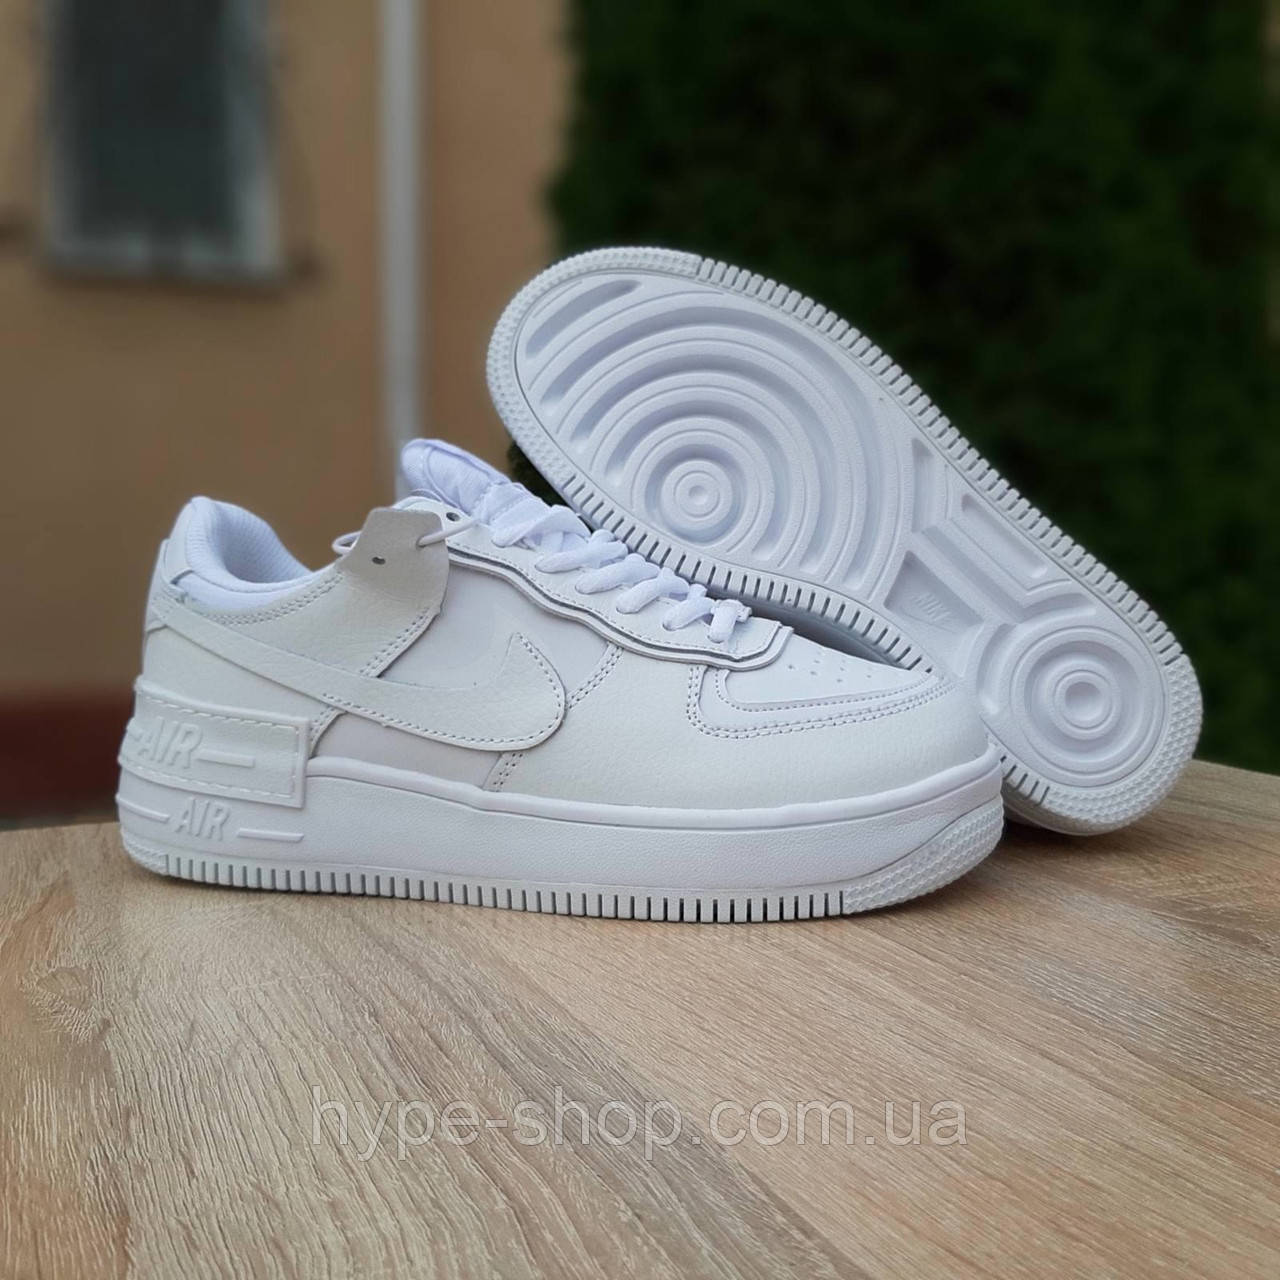 Женские зимние кроссовки стиле Nike Air Force 1 Shadow низкие